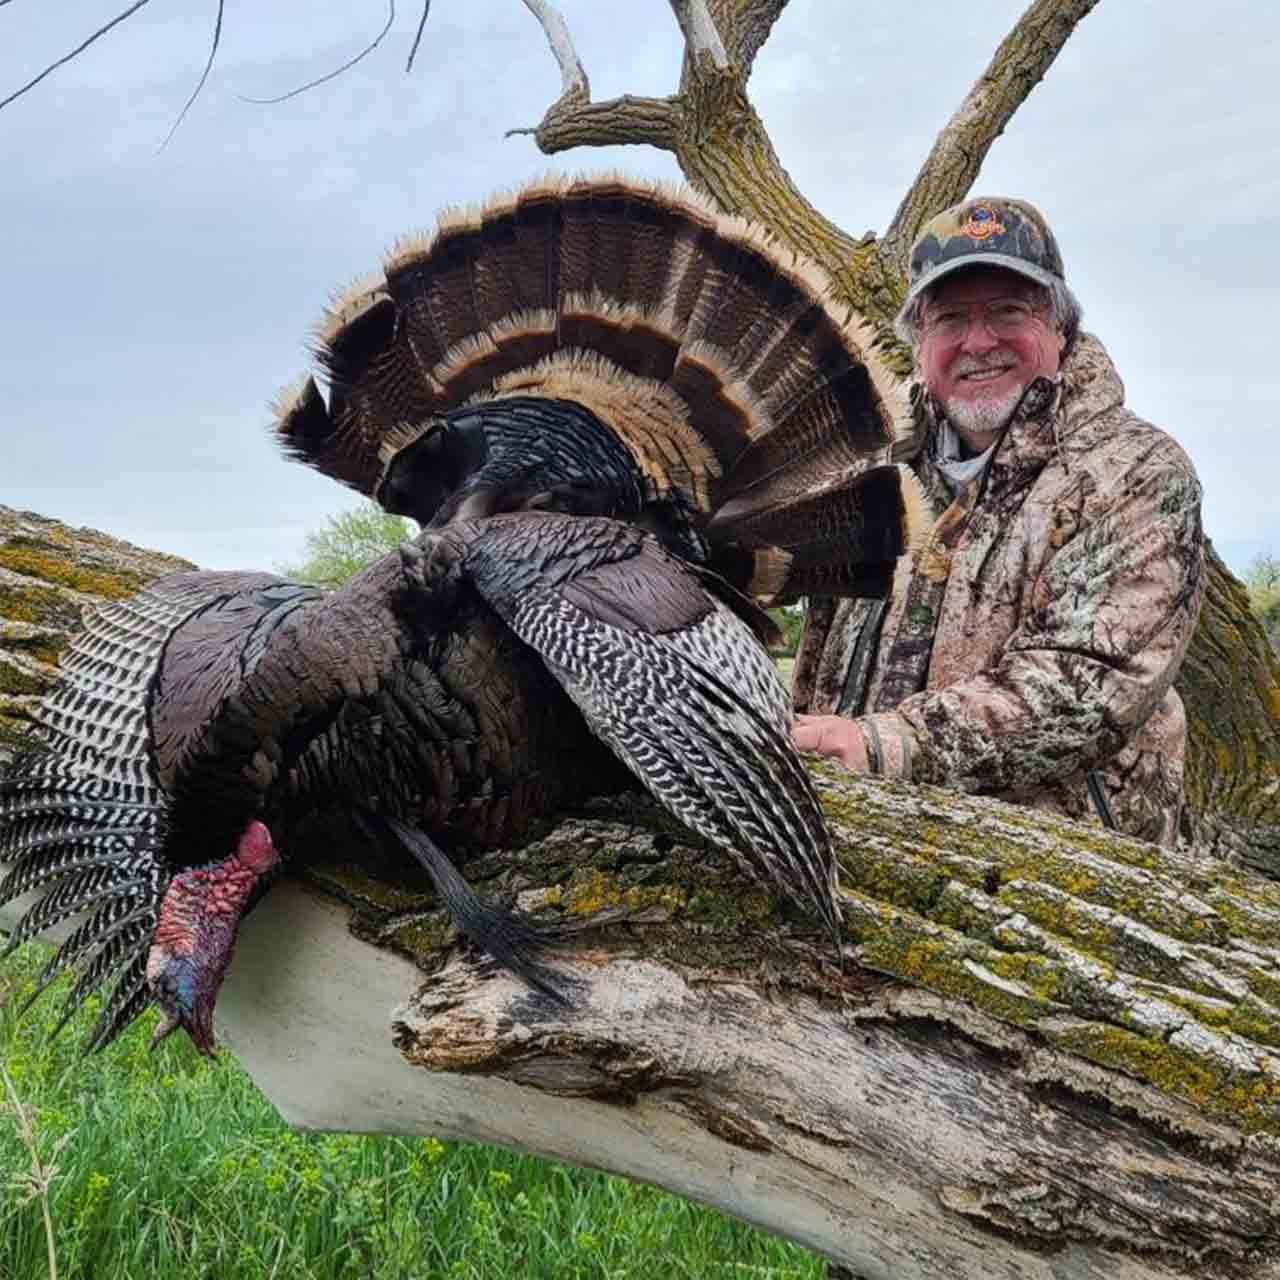 Turkey hunt in Nebraska